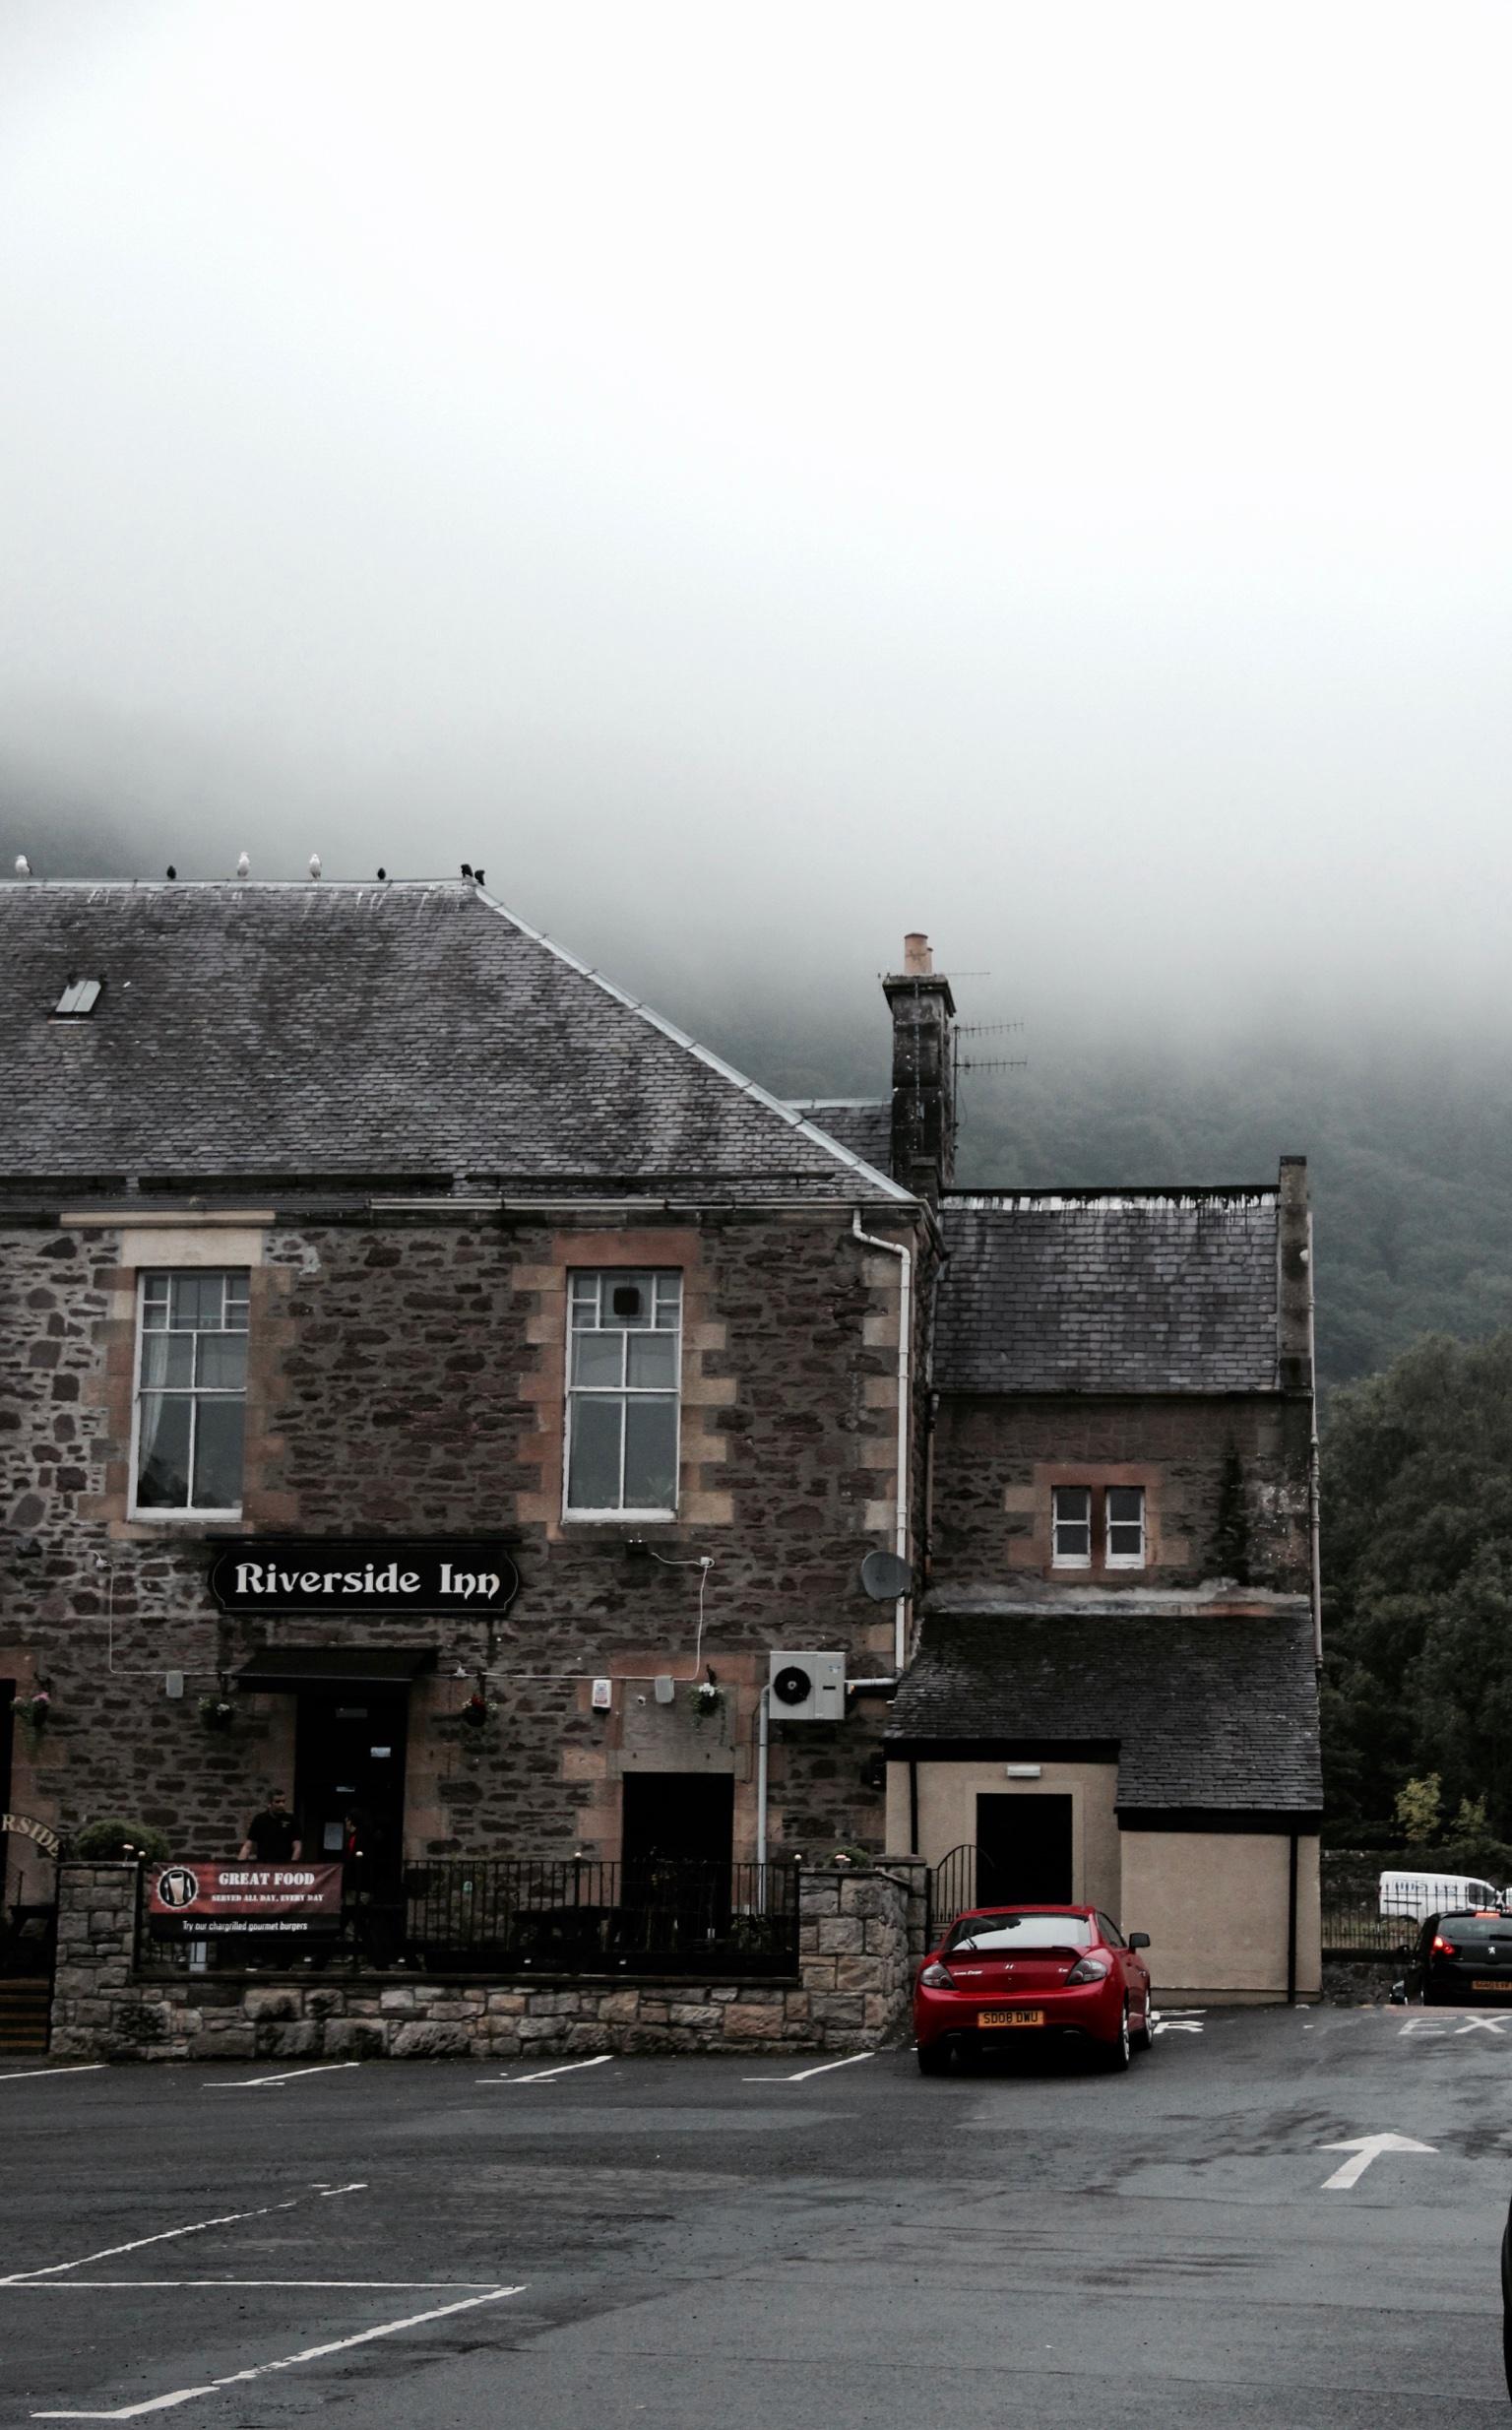 Riverside Inn, Callander